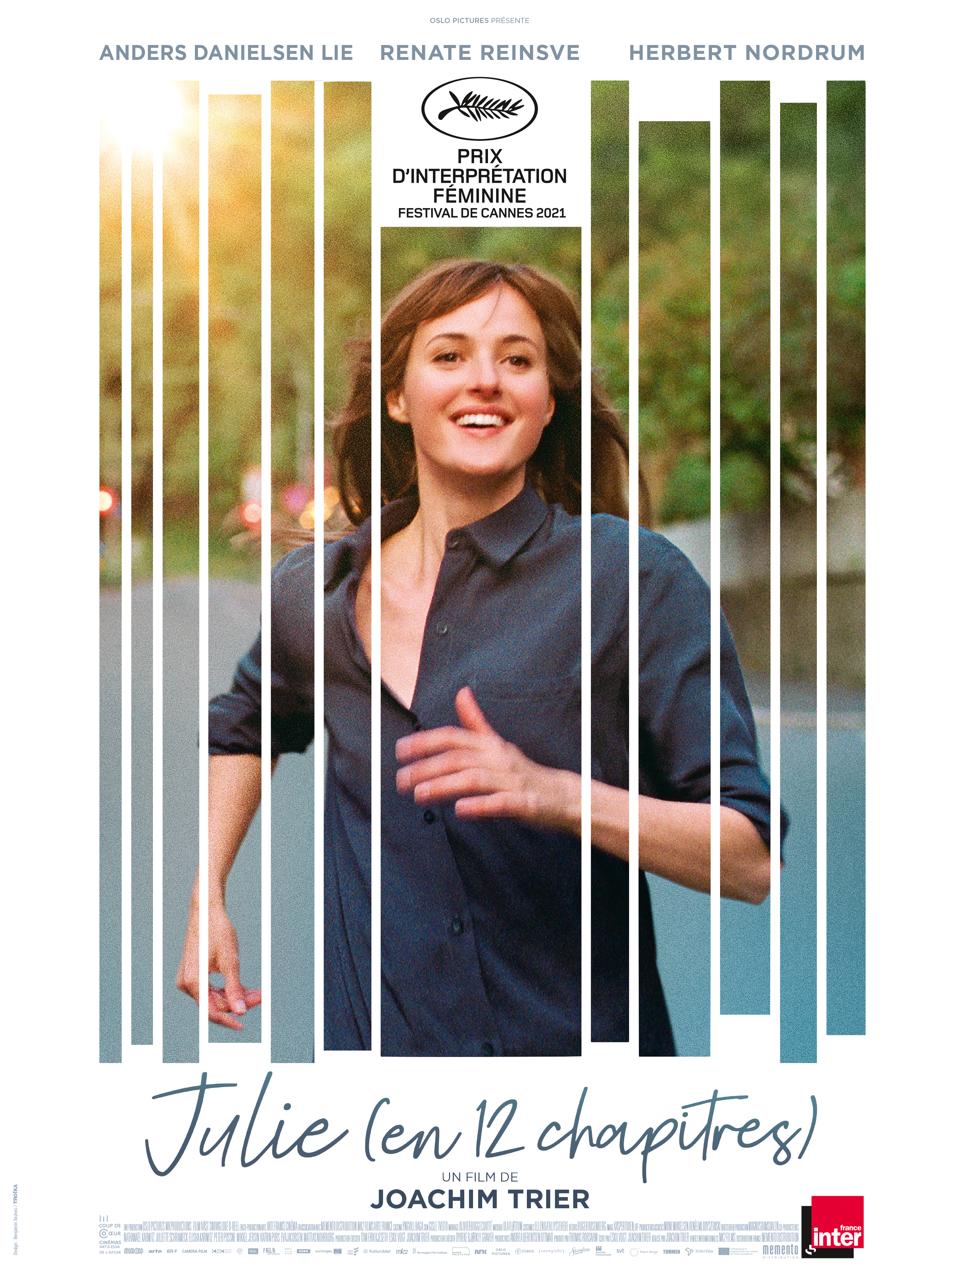 Julie (en 12 chapitres) - film 2021 - AlloCiné